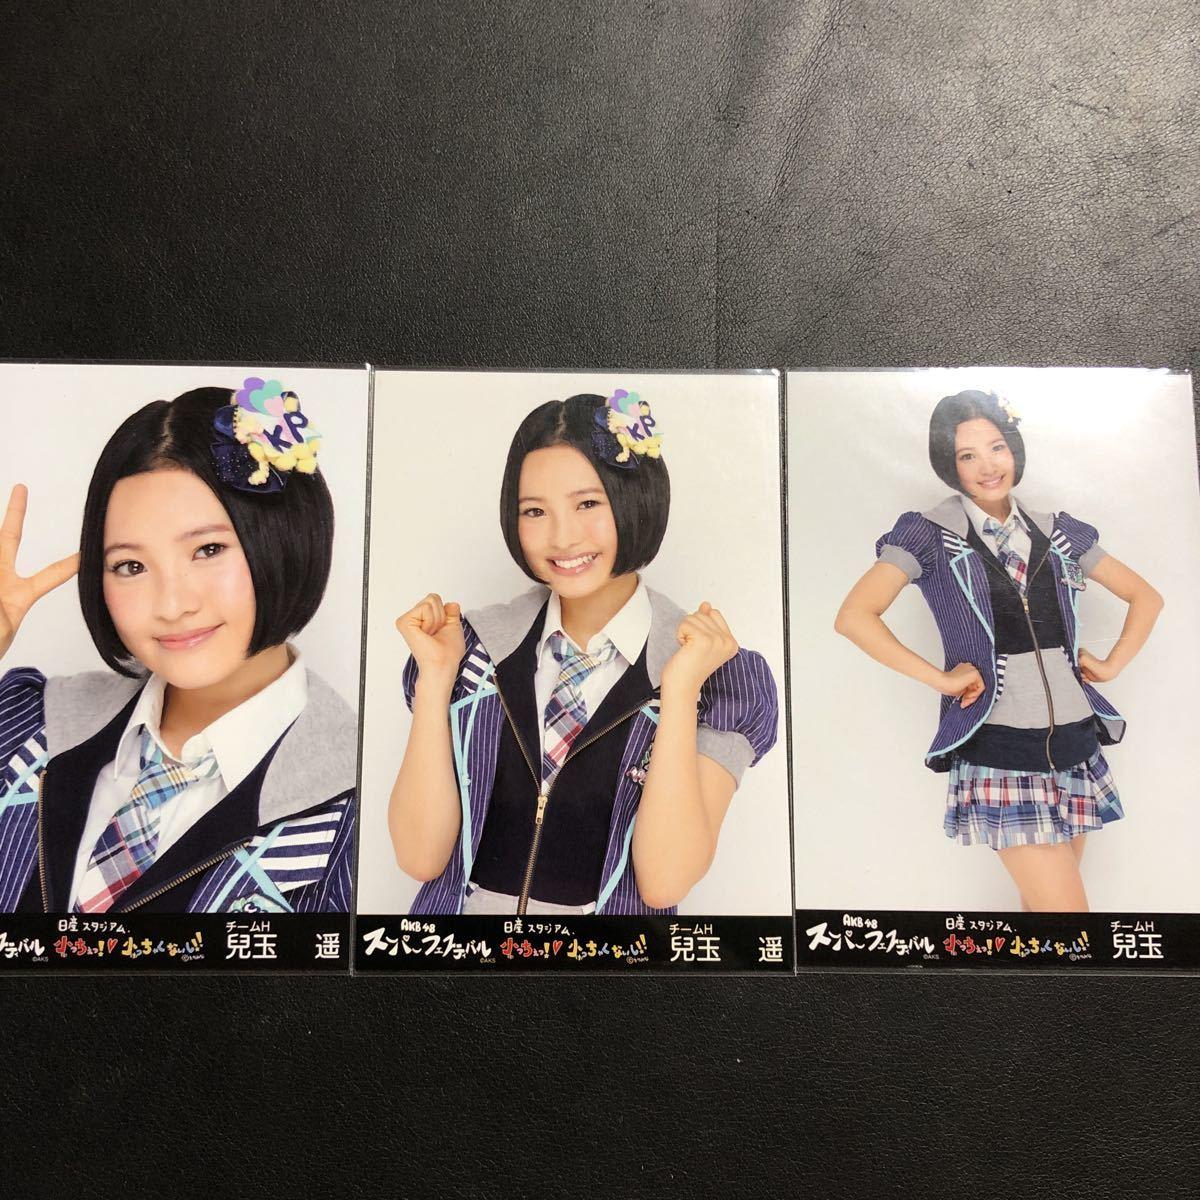 HKT48 兒玉遥 AKB48 日産スタジアム 小っちぇっ!小っちゃくないし! 会場生写真 コンプ